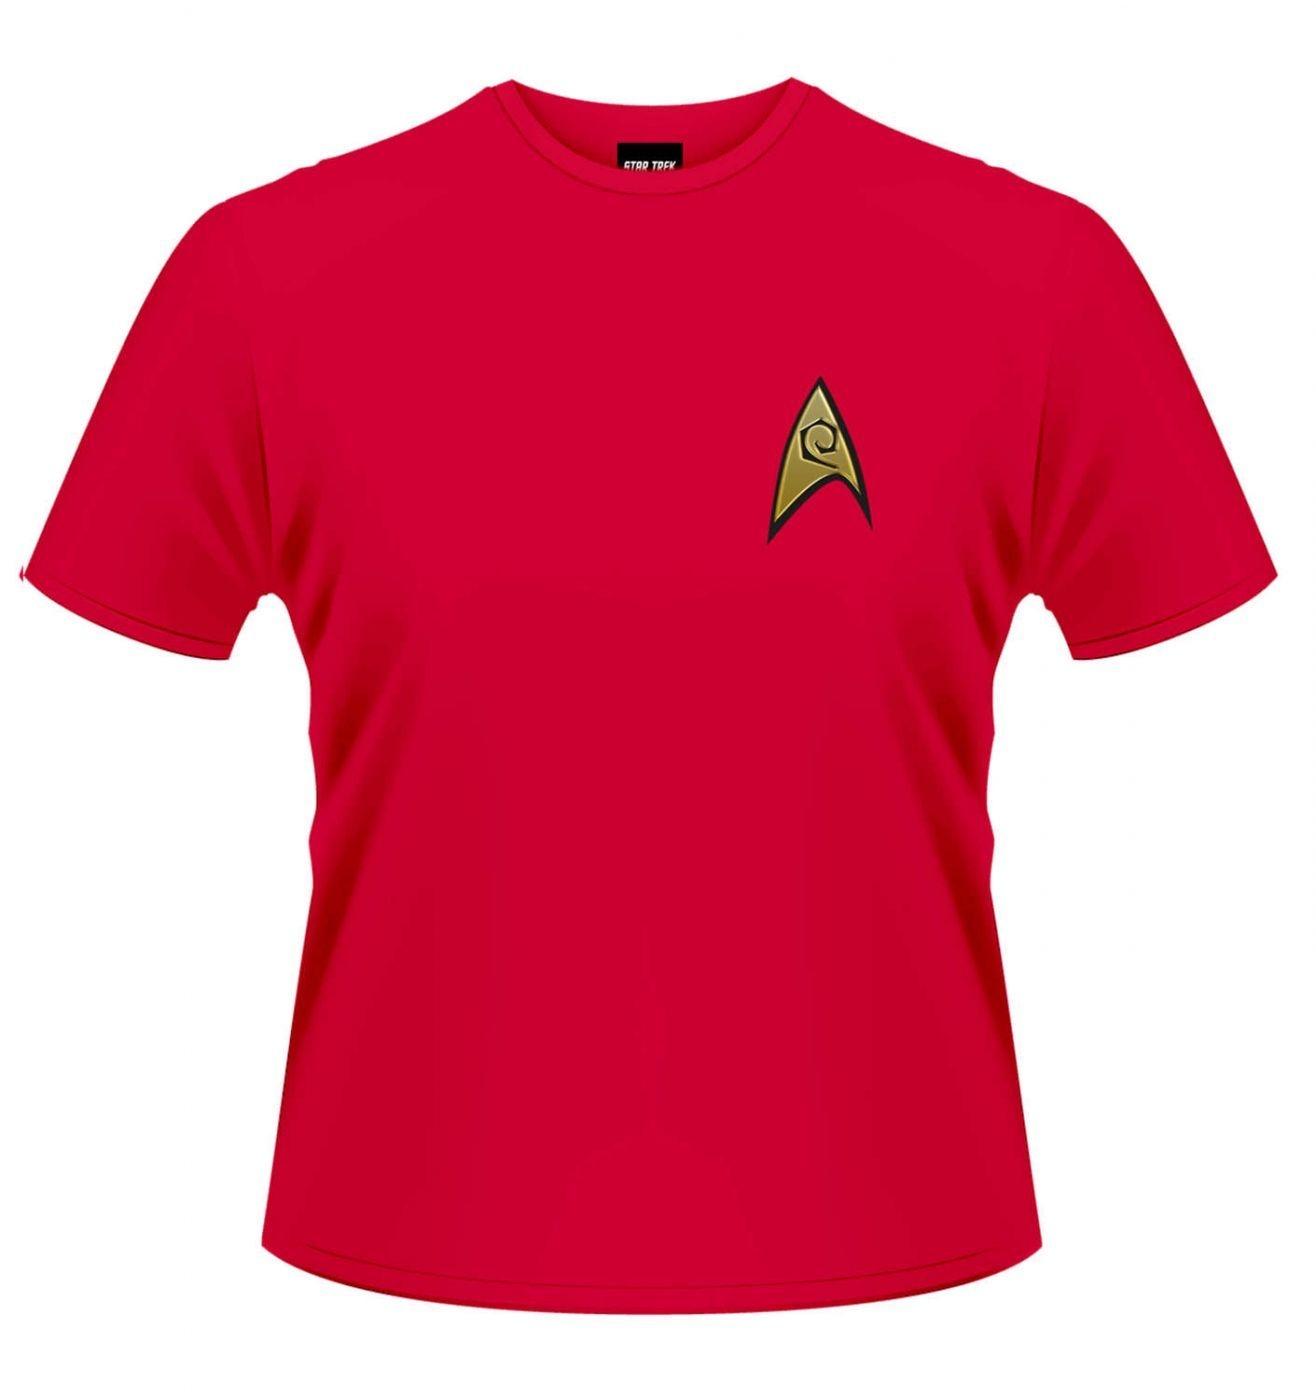 Star Trek Starfleet Uniform Ops t-shirt OFFICIAL